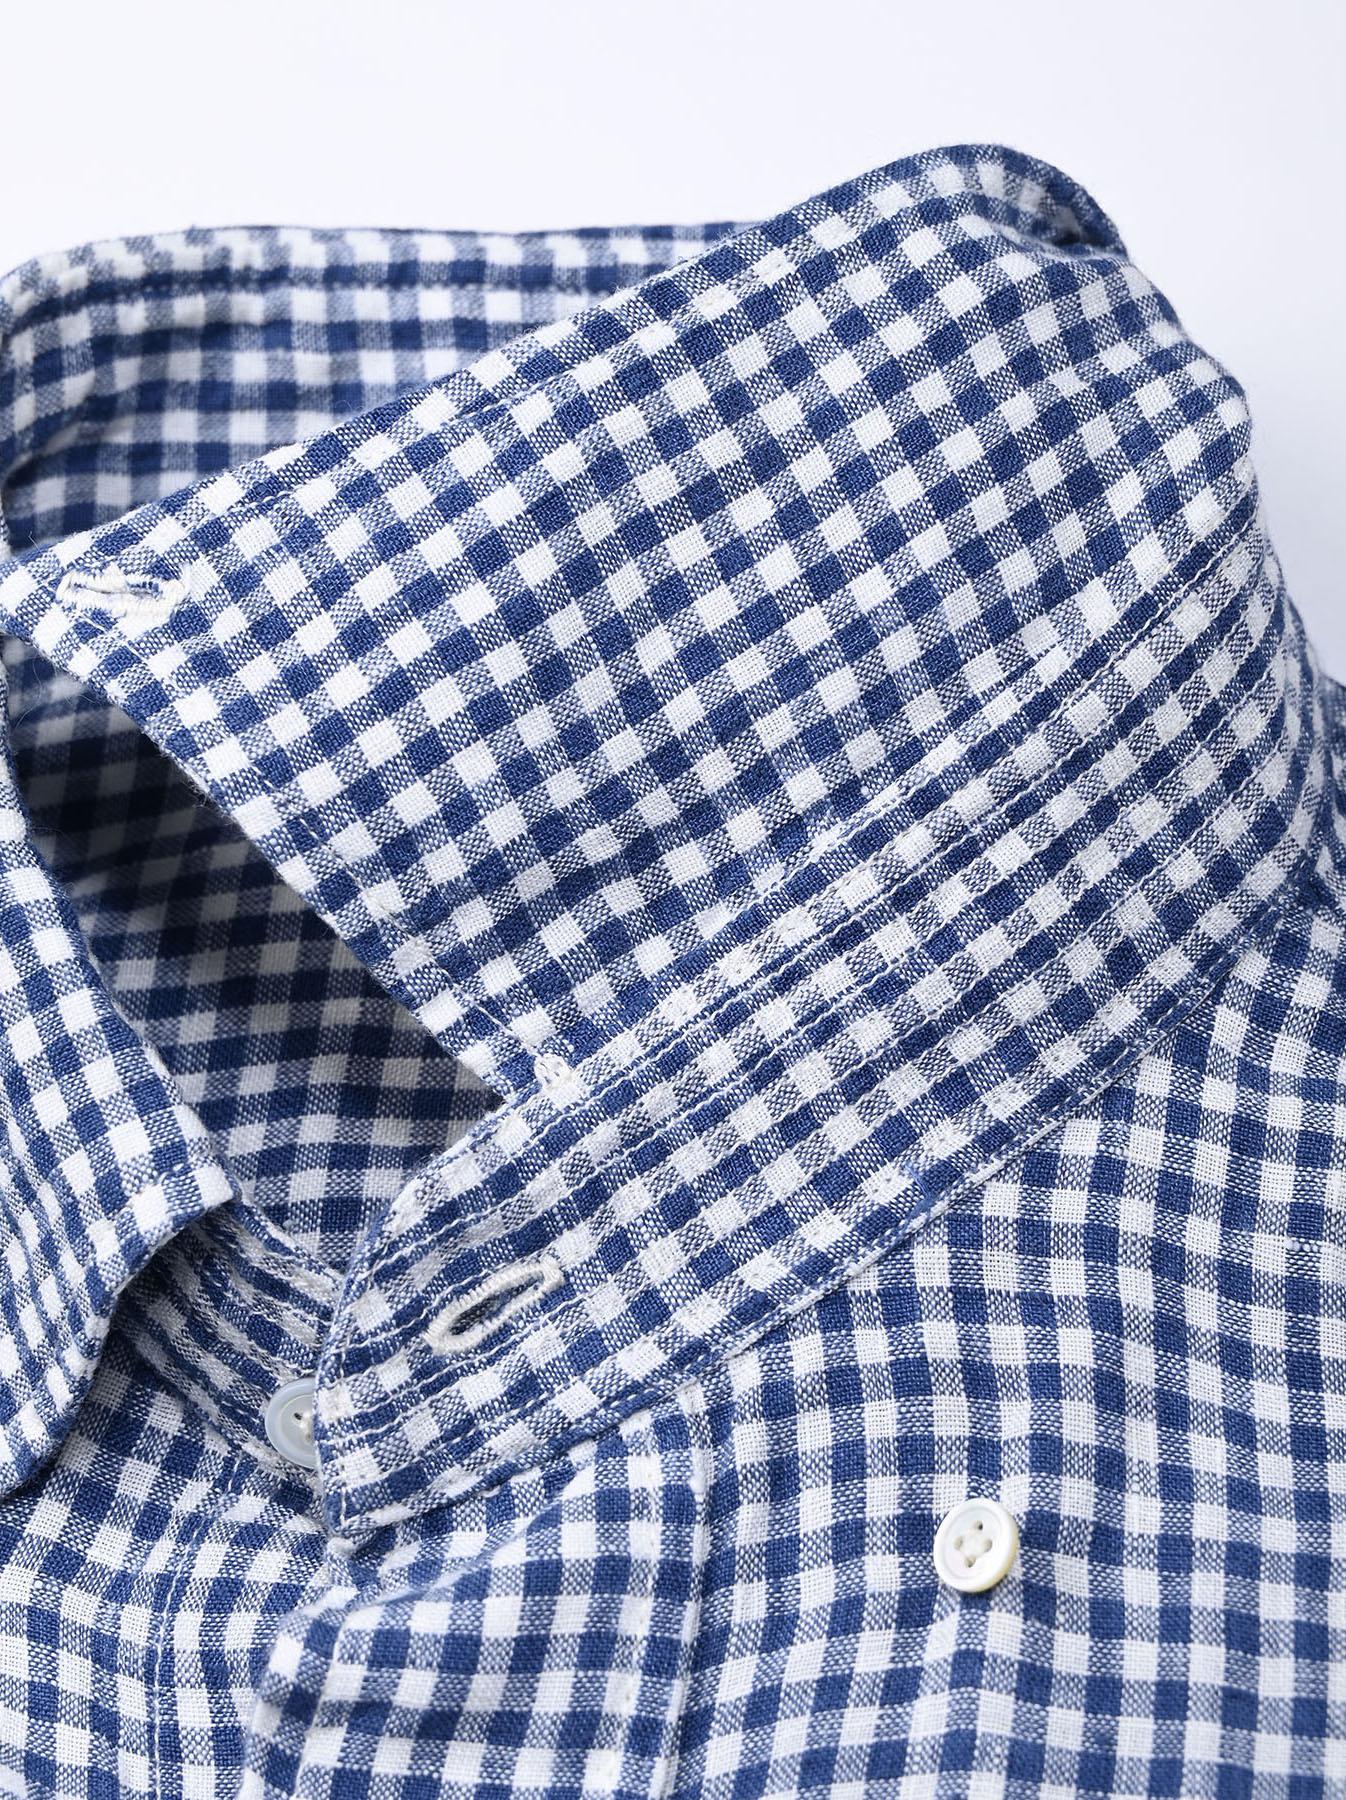 Indian Linen Flat 908 Ocean Shirt (0521)-9